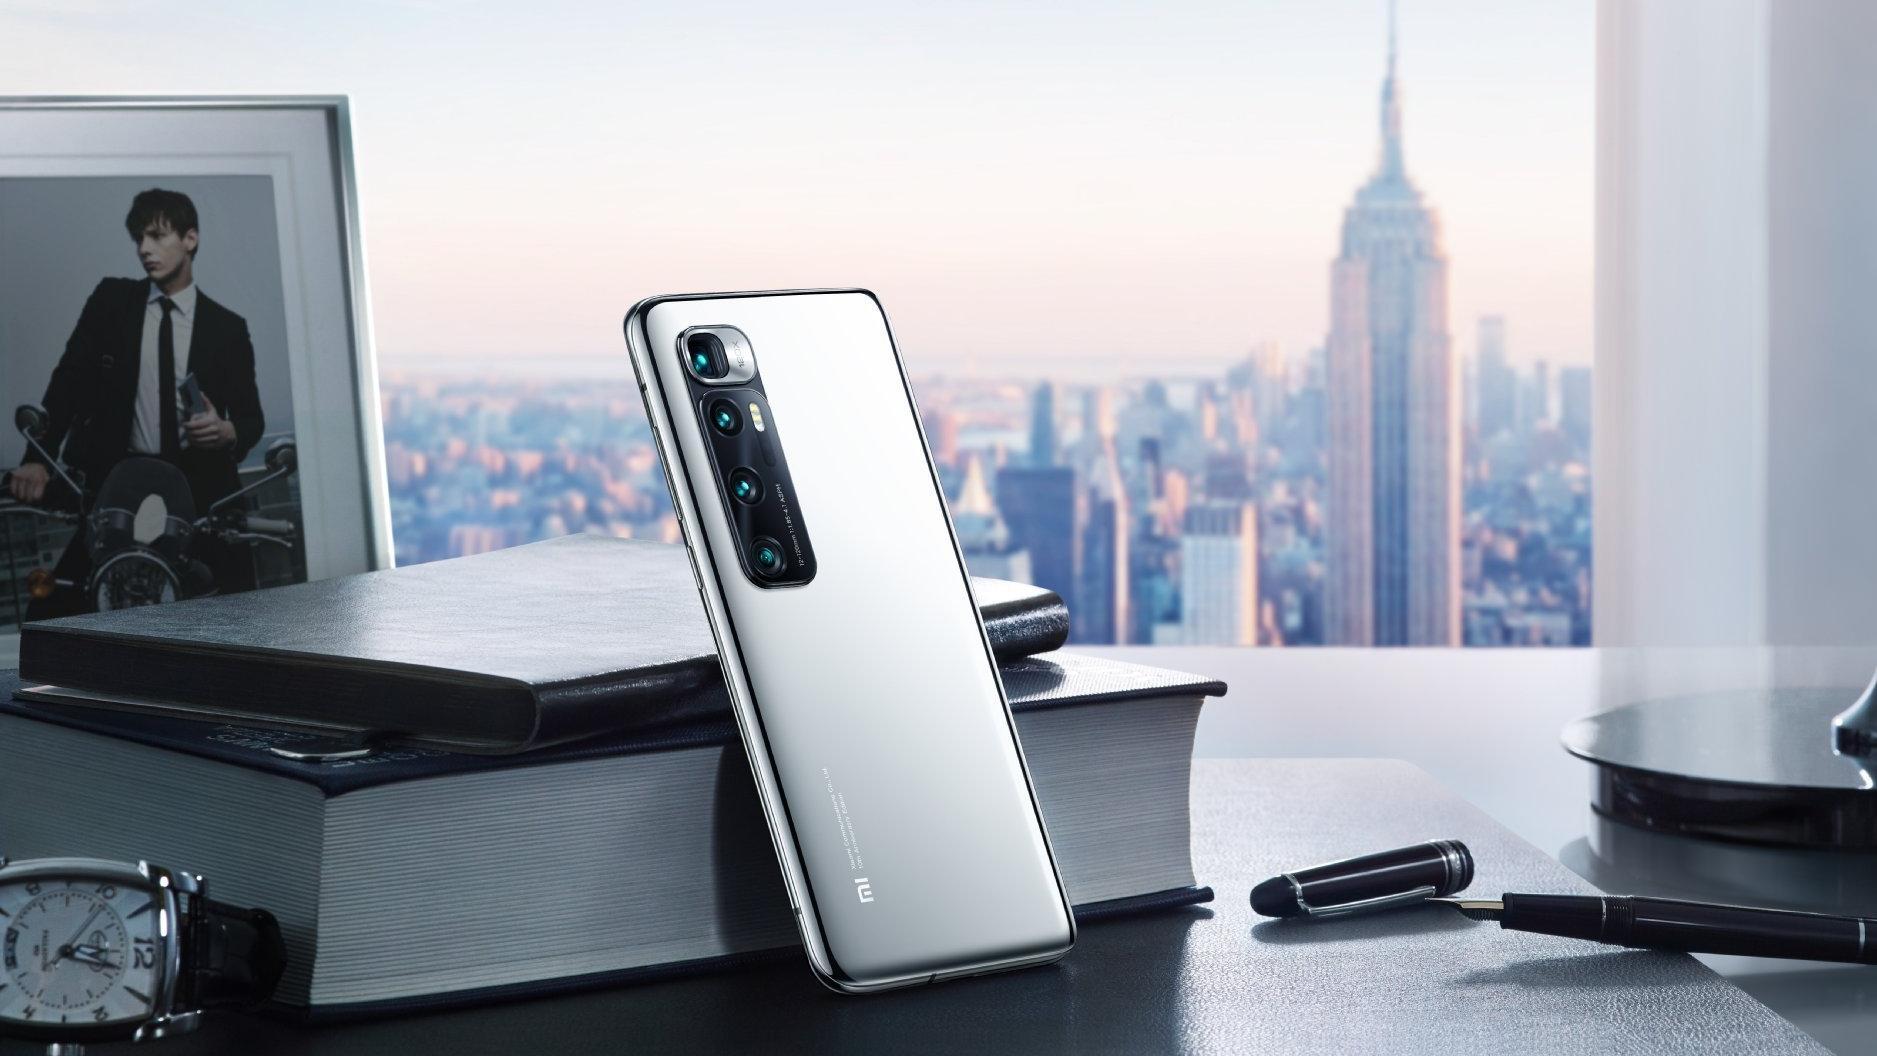 8月份最值得入手的三款小米手机,性价比全都很高,第三款最为抢手!